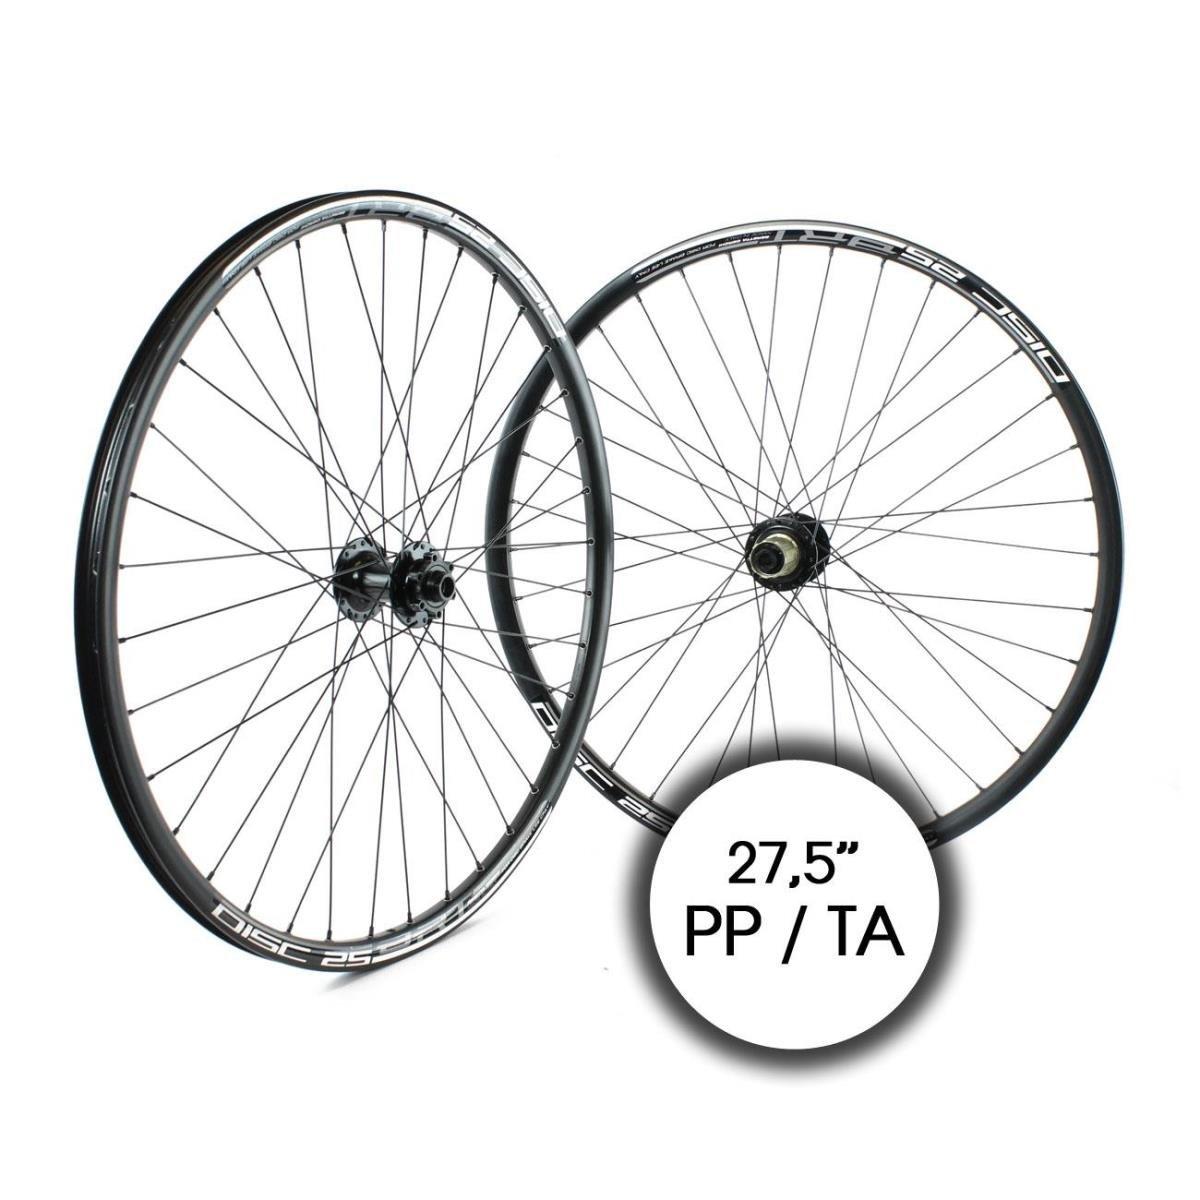 Ridewill Bike Paar Reifen 650B-Gürtelschlaufe 11 V Festplatte schwarz (Paar Räder) Wheelset MTB 650B Thru Axle 11S Disc schwarz (Wheelset)